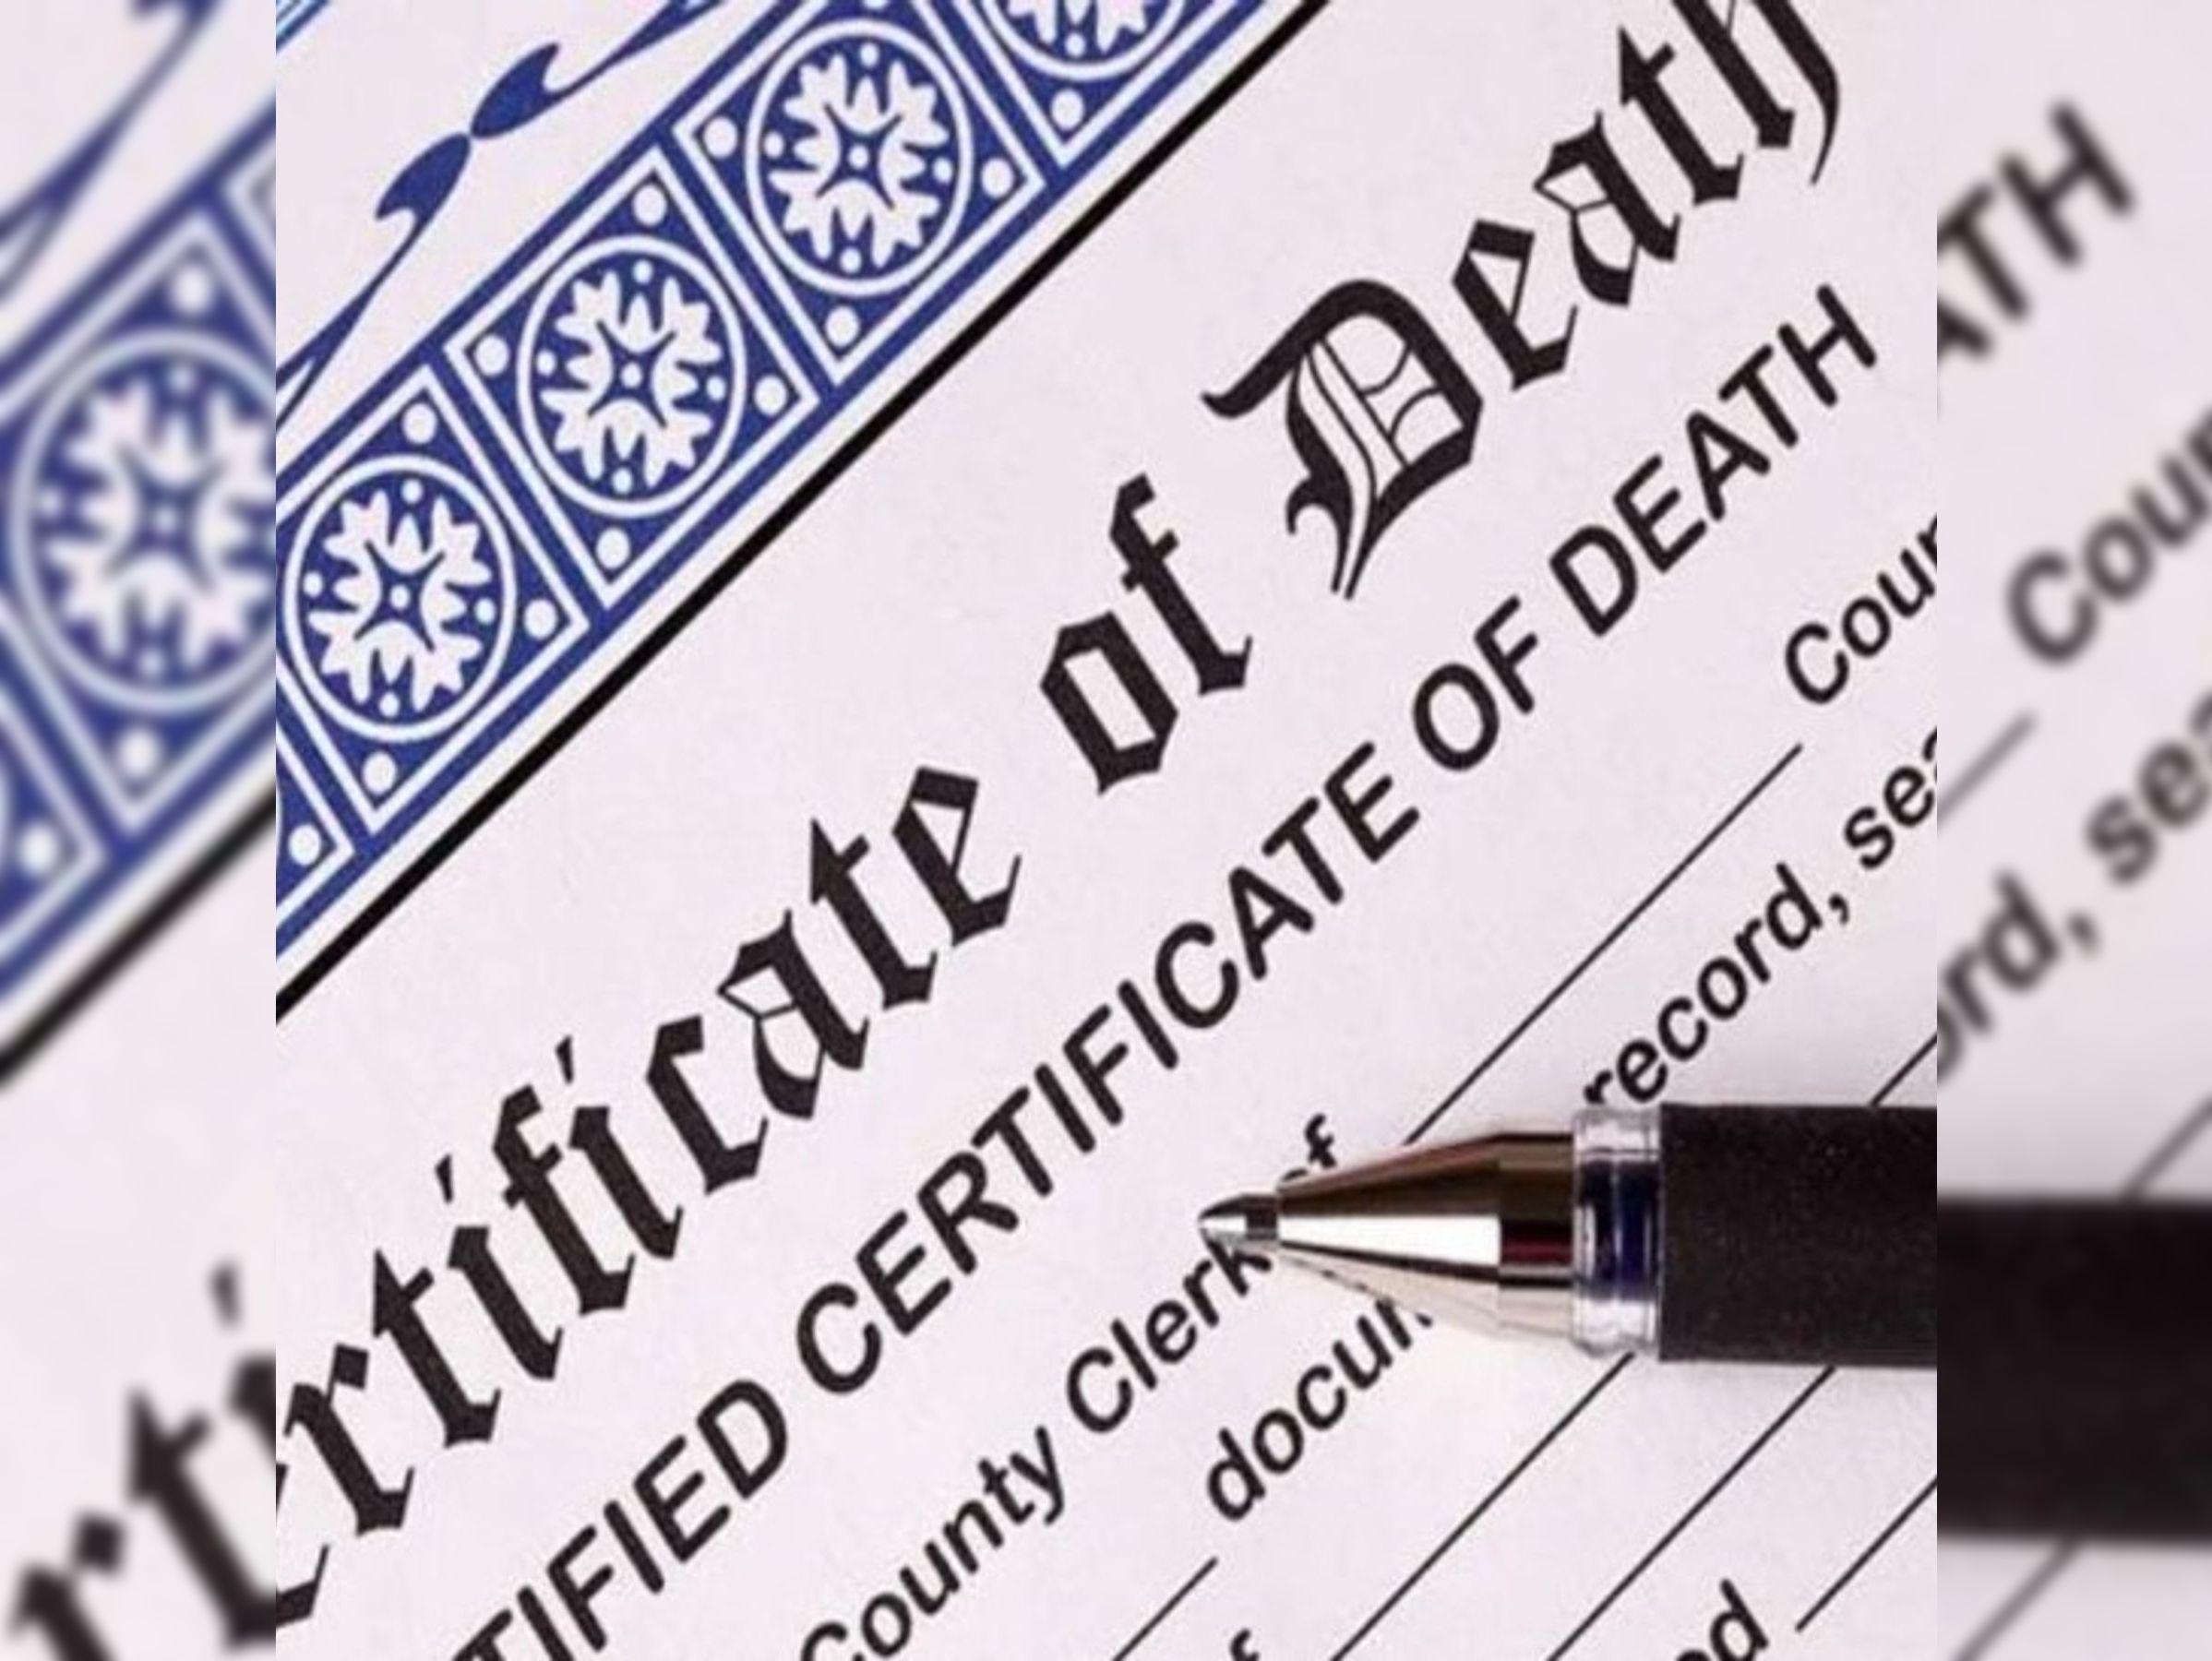 मृत्यु प्रमाण पत्र पर अब नहीं लिखा जाएगा माैत का कारण, 1 लाख देने की घोषणा के 12 वें दिन सरकार का नया फरमान|ग्वालियर,Gwalior - Dainik Bhaskar